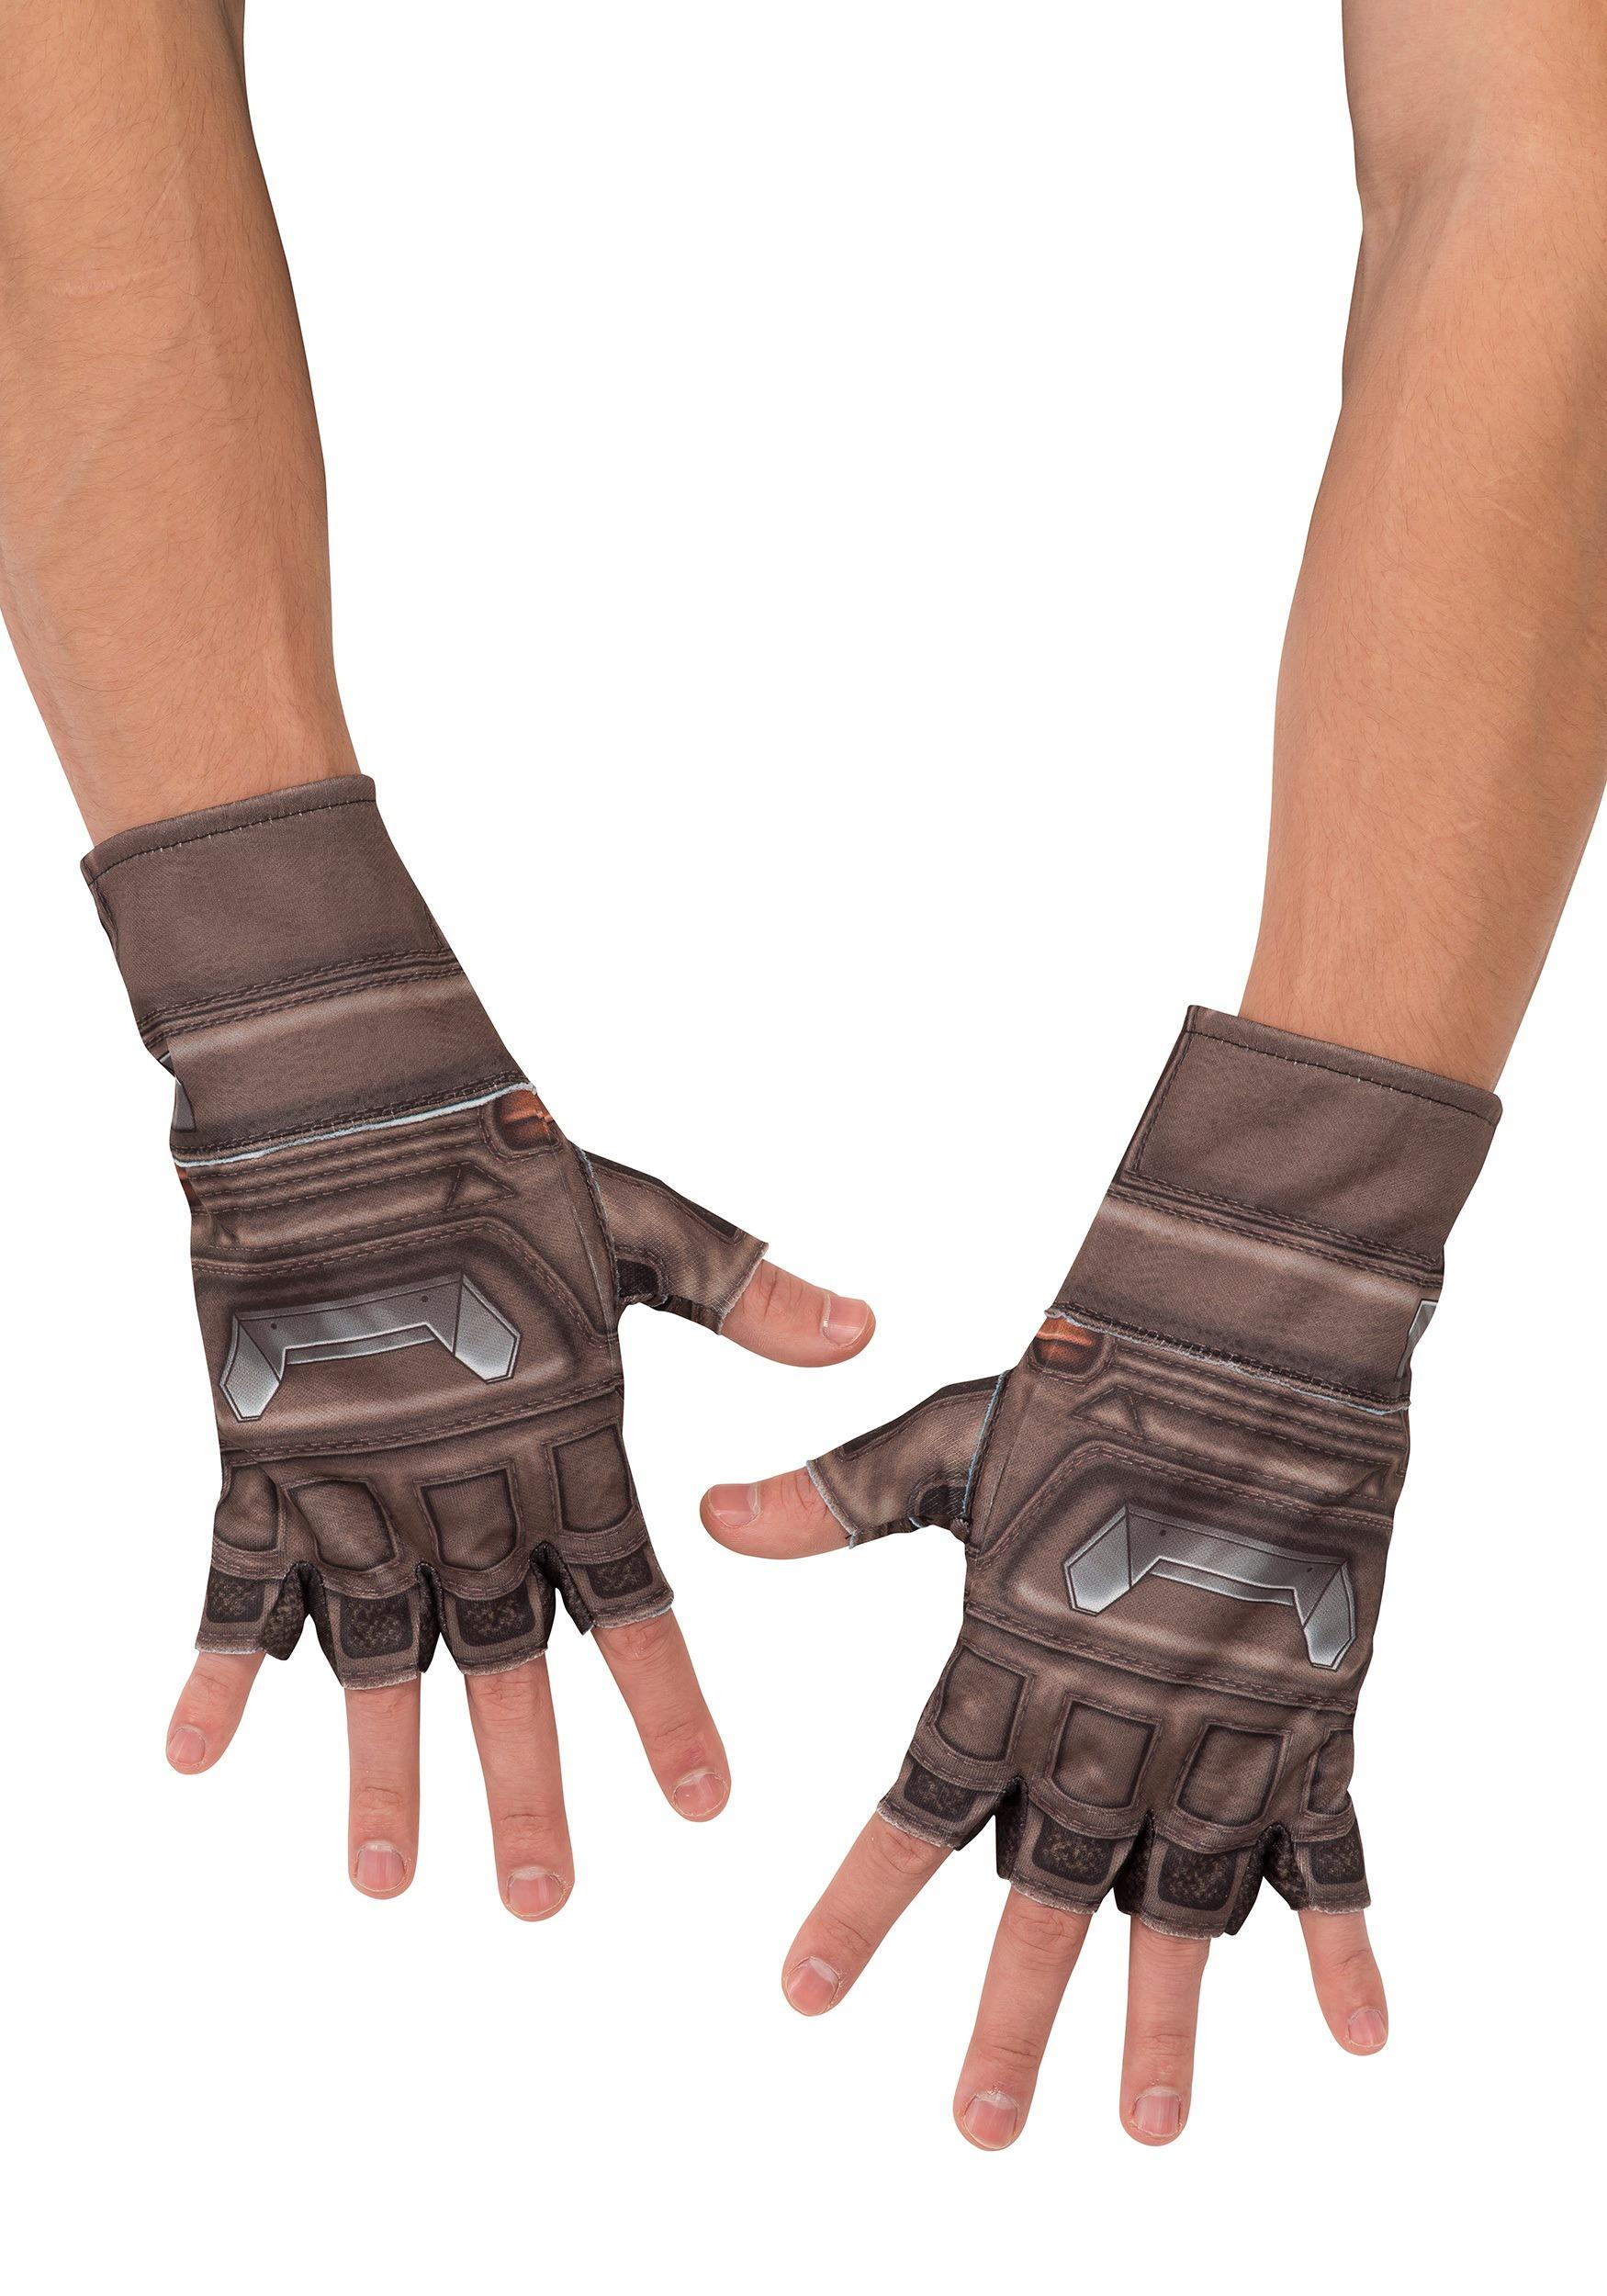 Child Avengers 2 Captain America Gloves RU36240